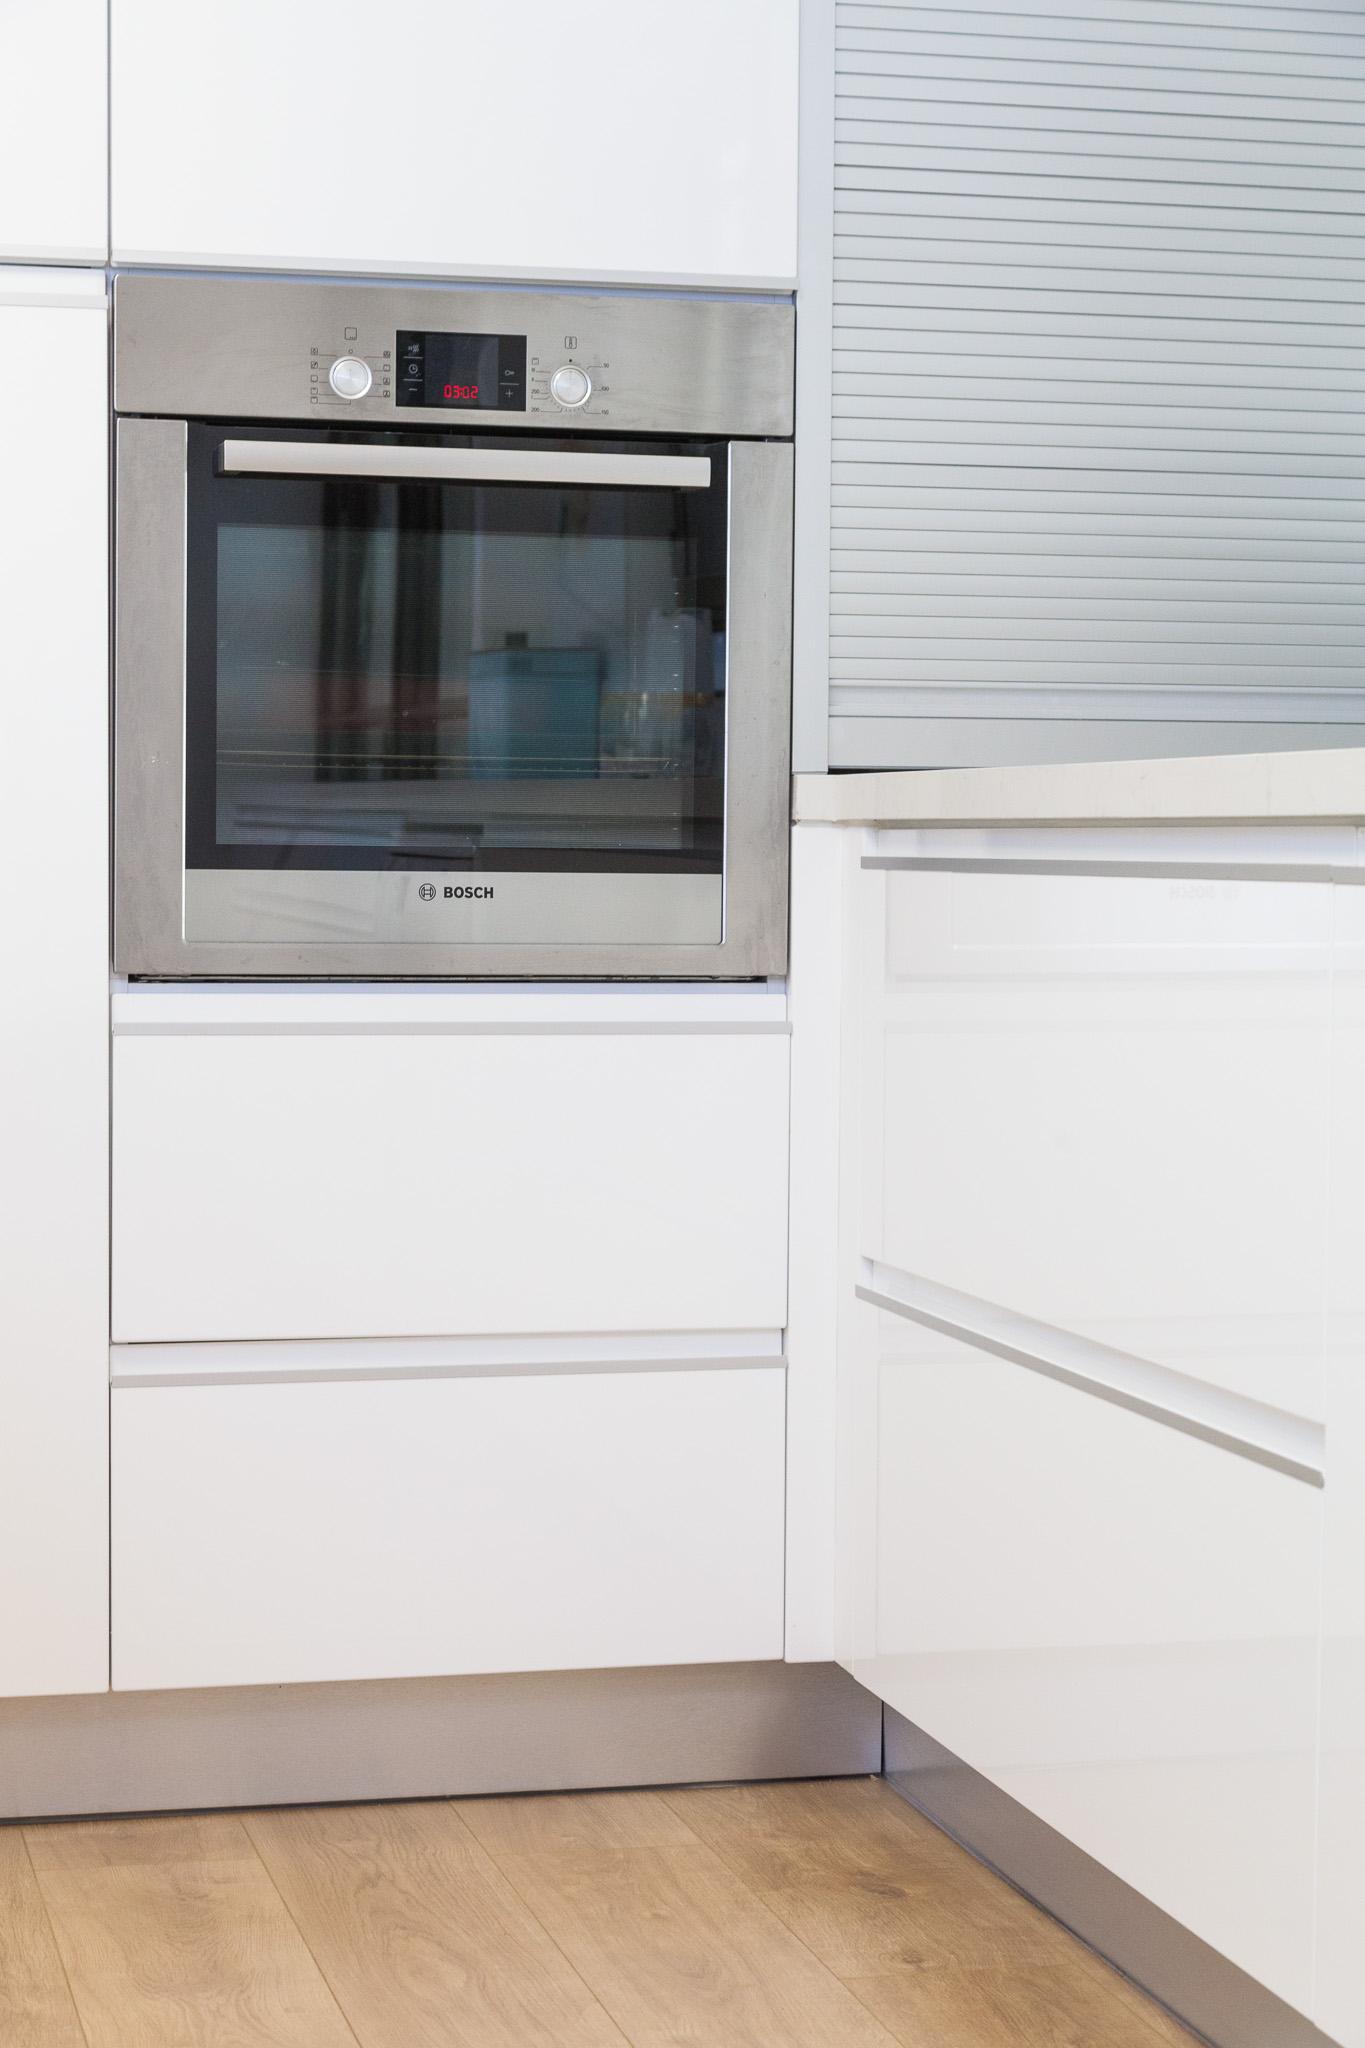 מיוחדים מכשירי חשמל למטבח, איך בוחרים ומה מתאים לי?   79 ZG-43